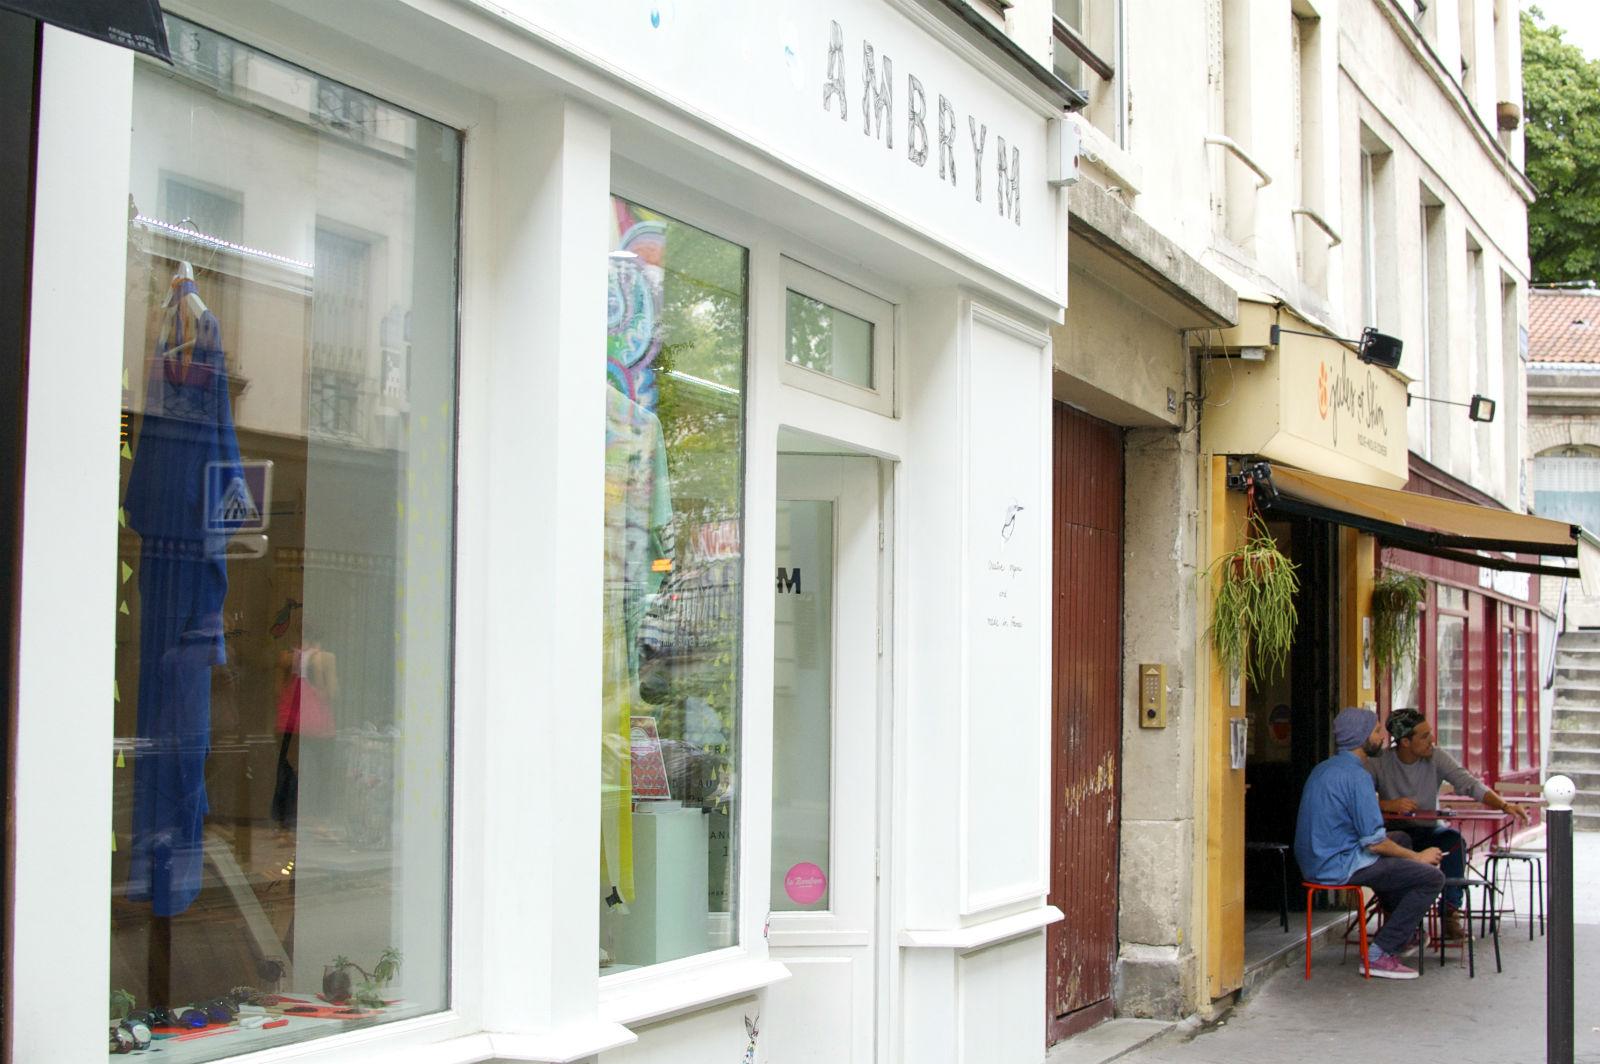 HiP Paris blog. Ambrym. Store location on Rue des Vinaigriers.